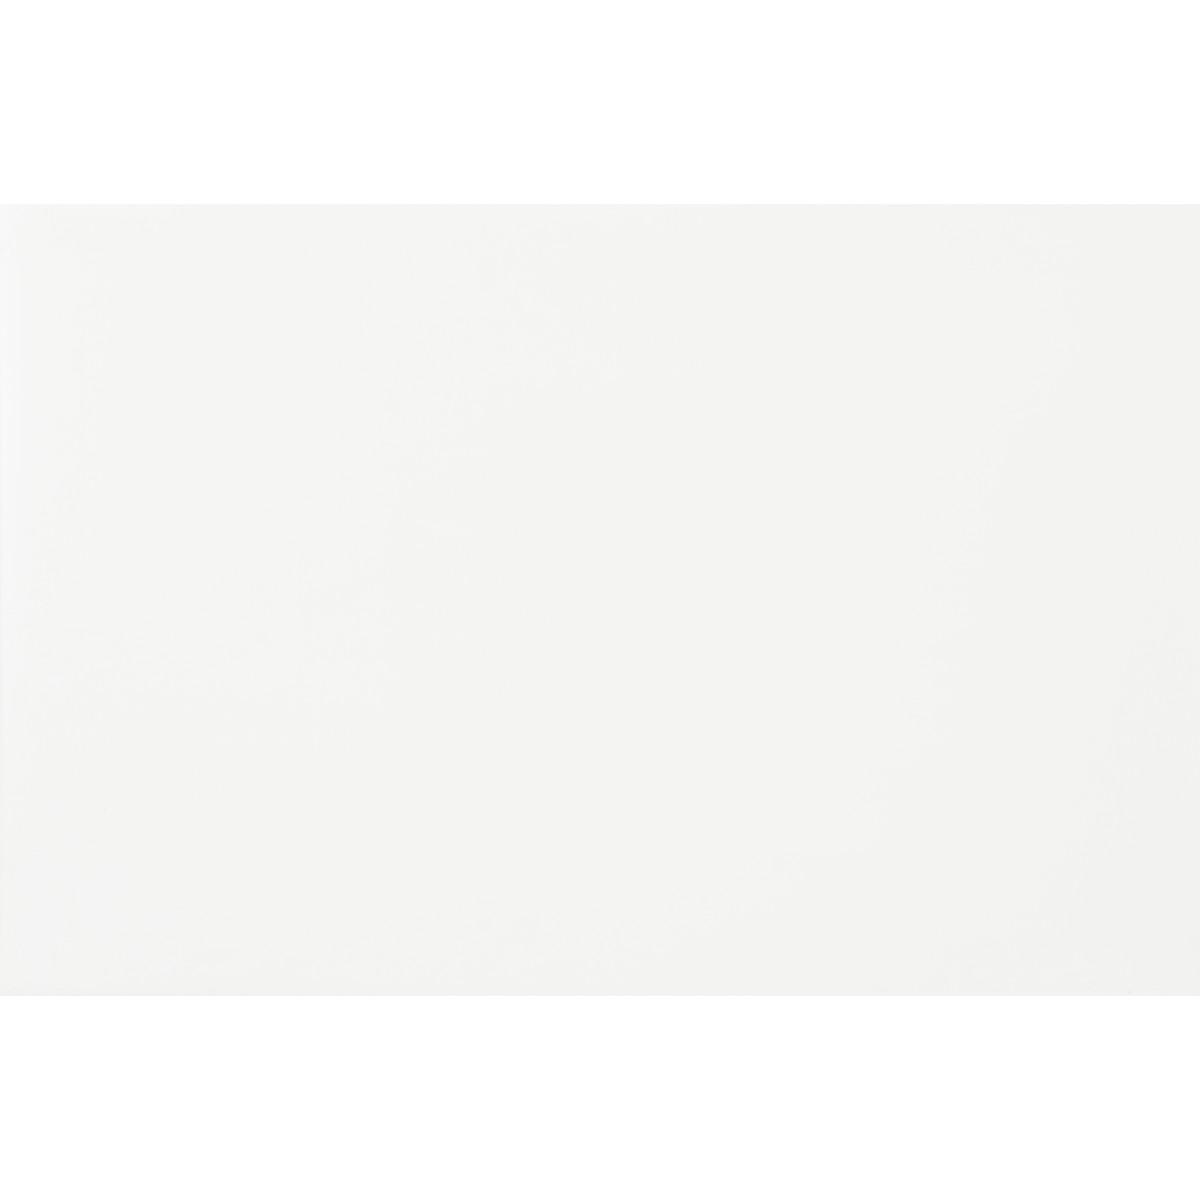 Плитка настенная Эквилибрио 30х20 см 1.2 м2 цвет белый